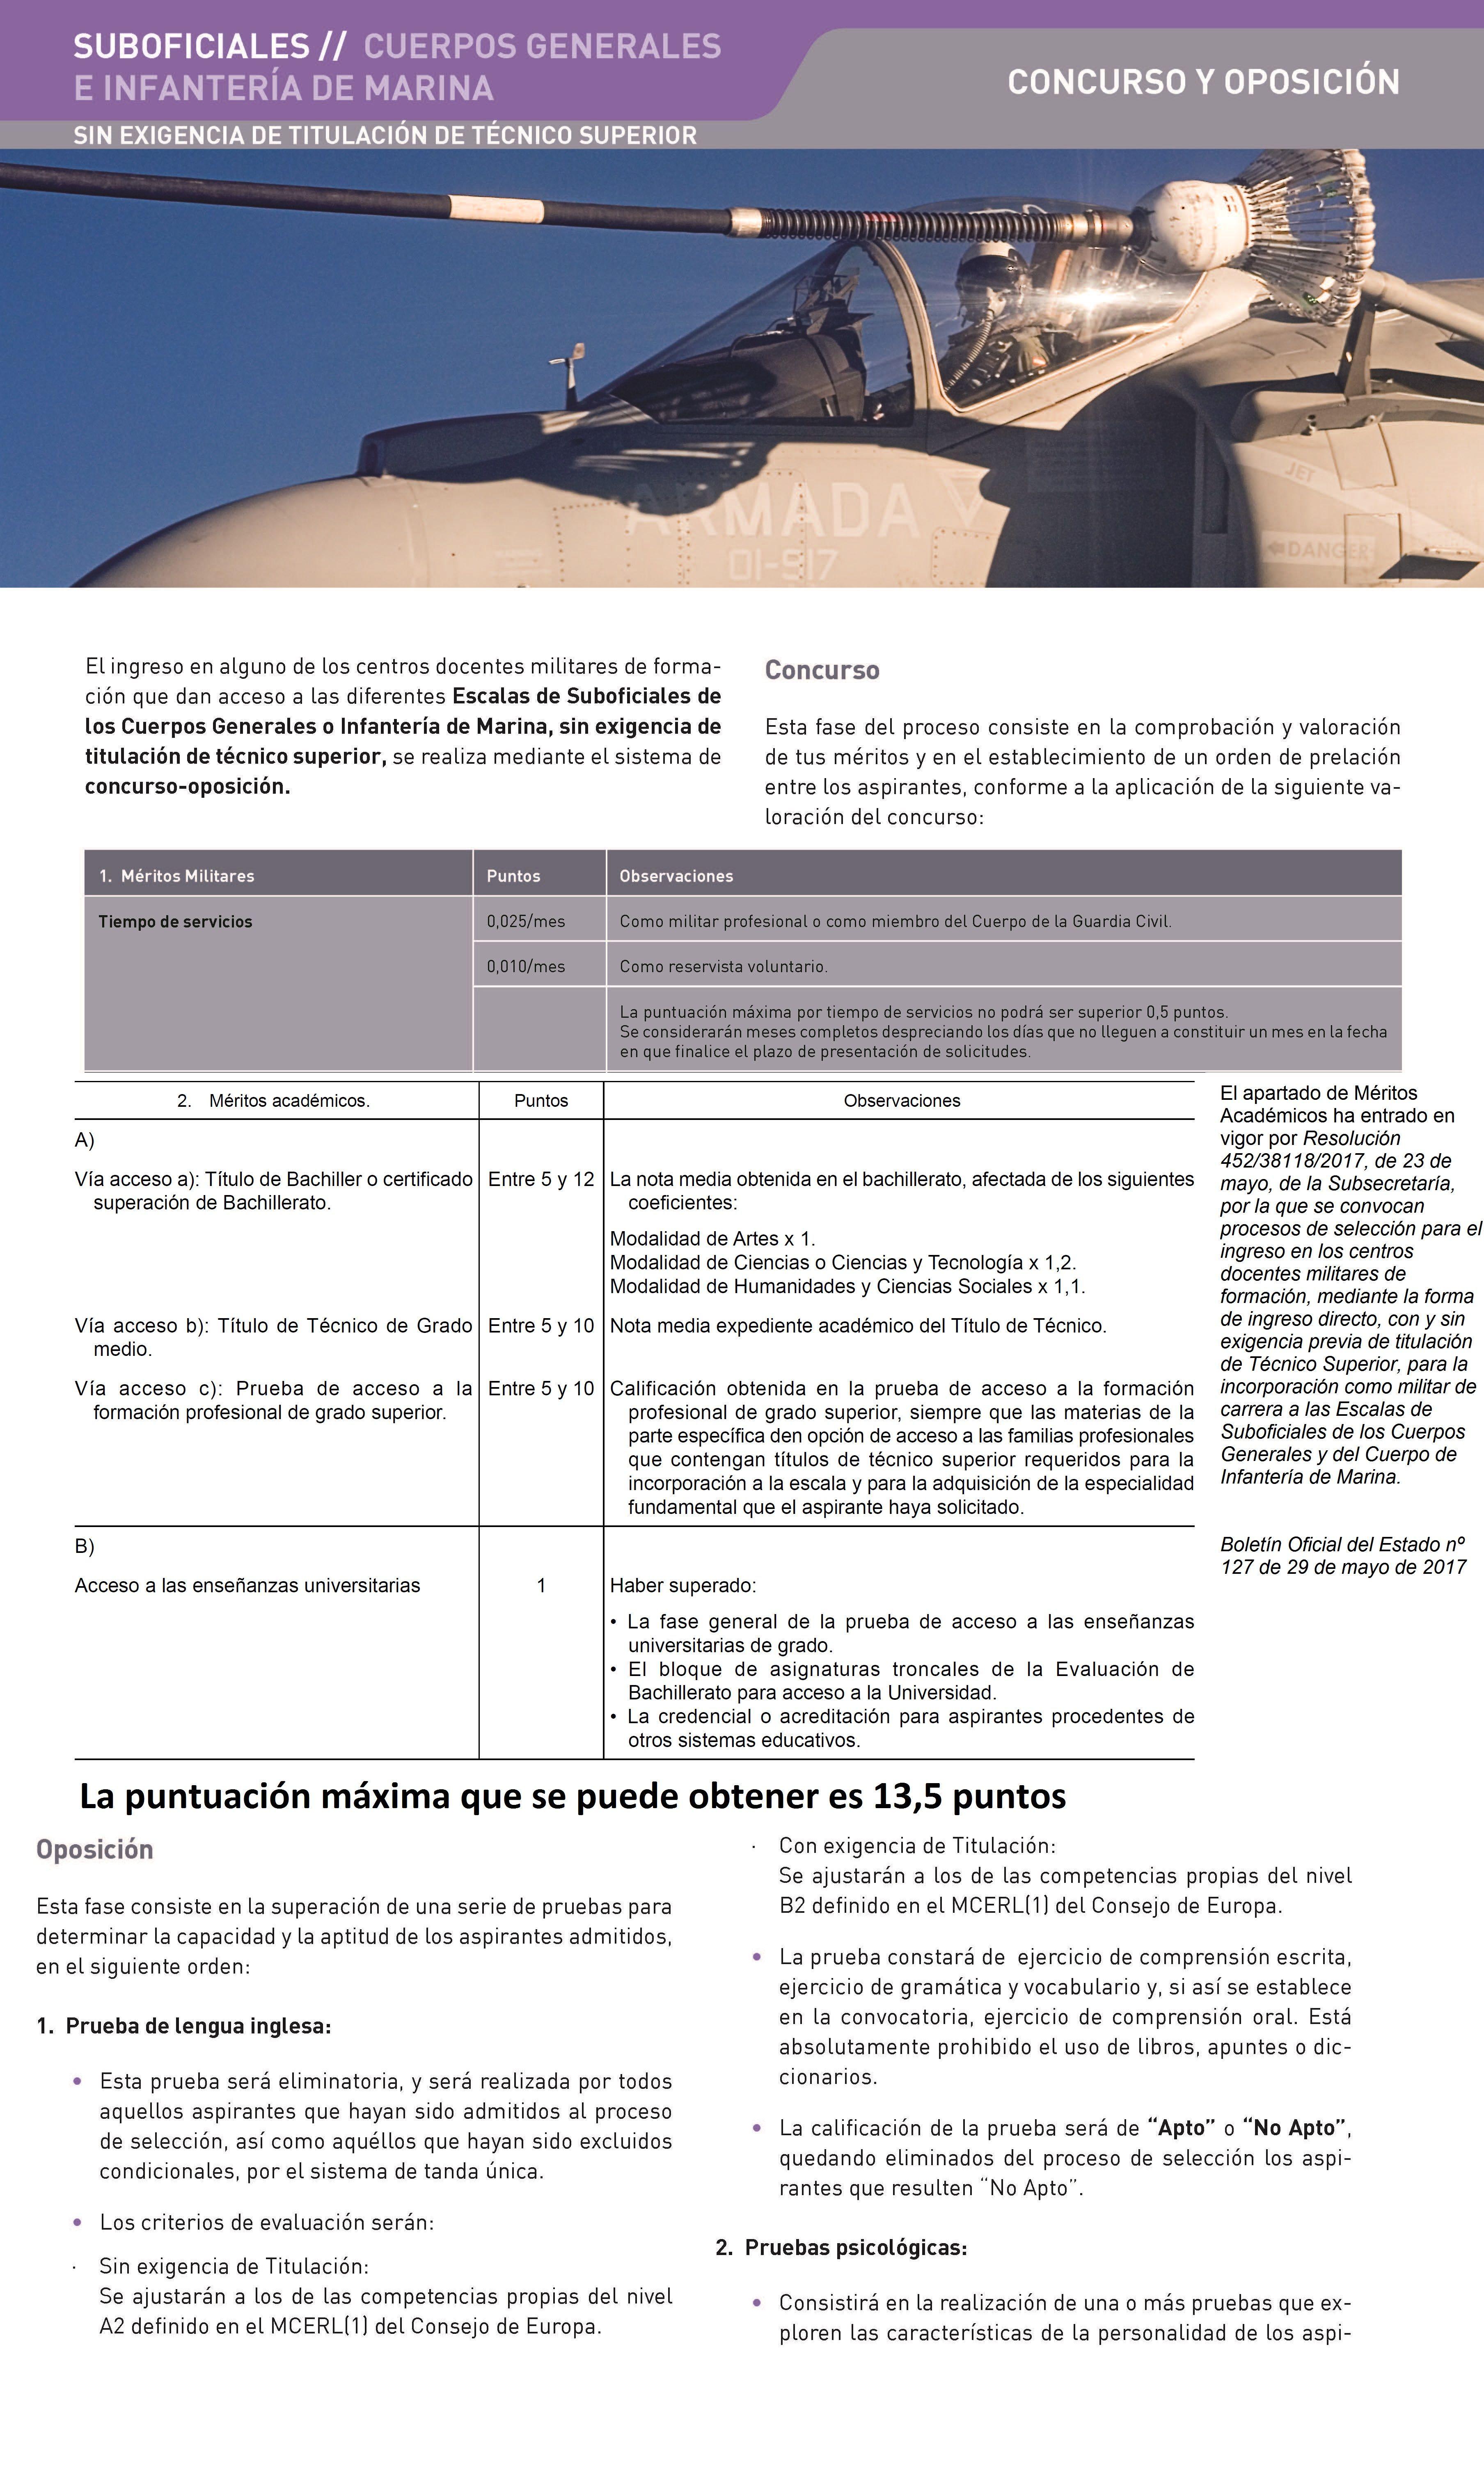 suboficialesconcurso_Página_1